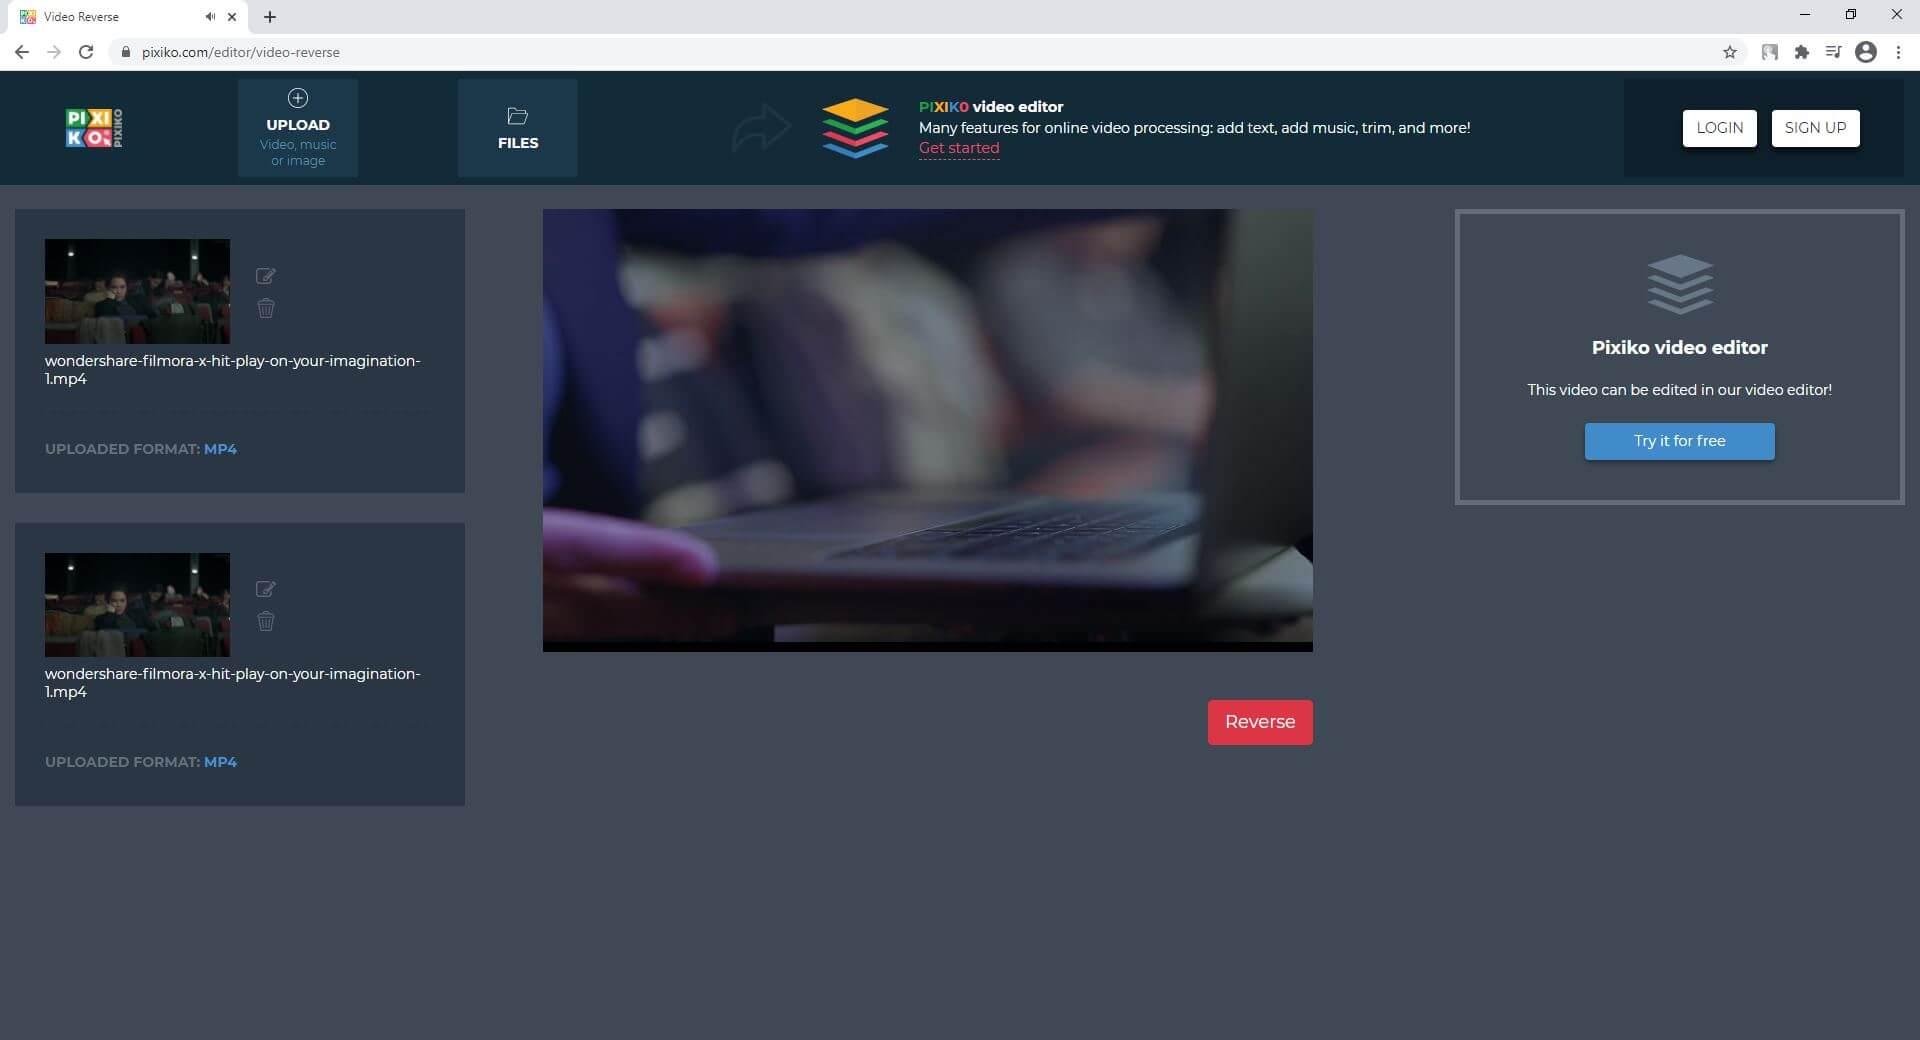 Reverse YouTube-Videos online rückwärts abspielen - Pixiko